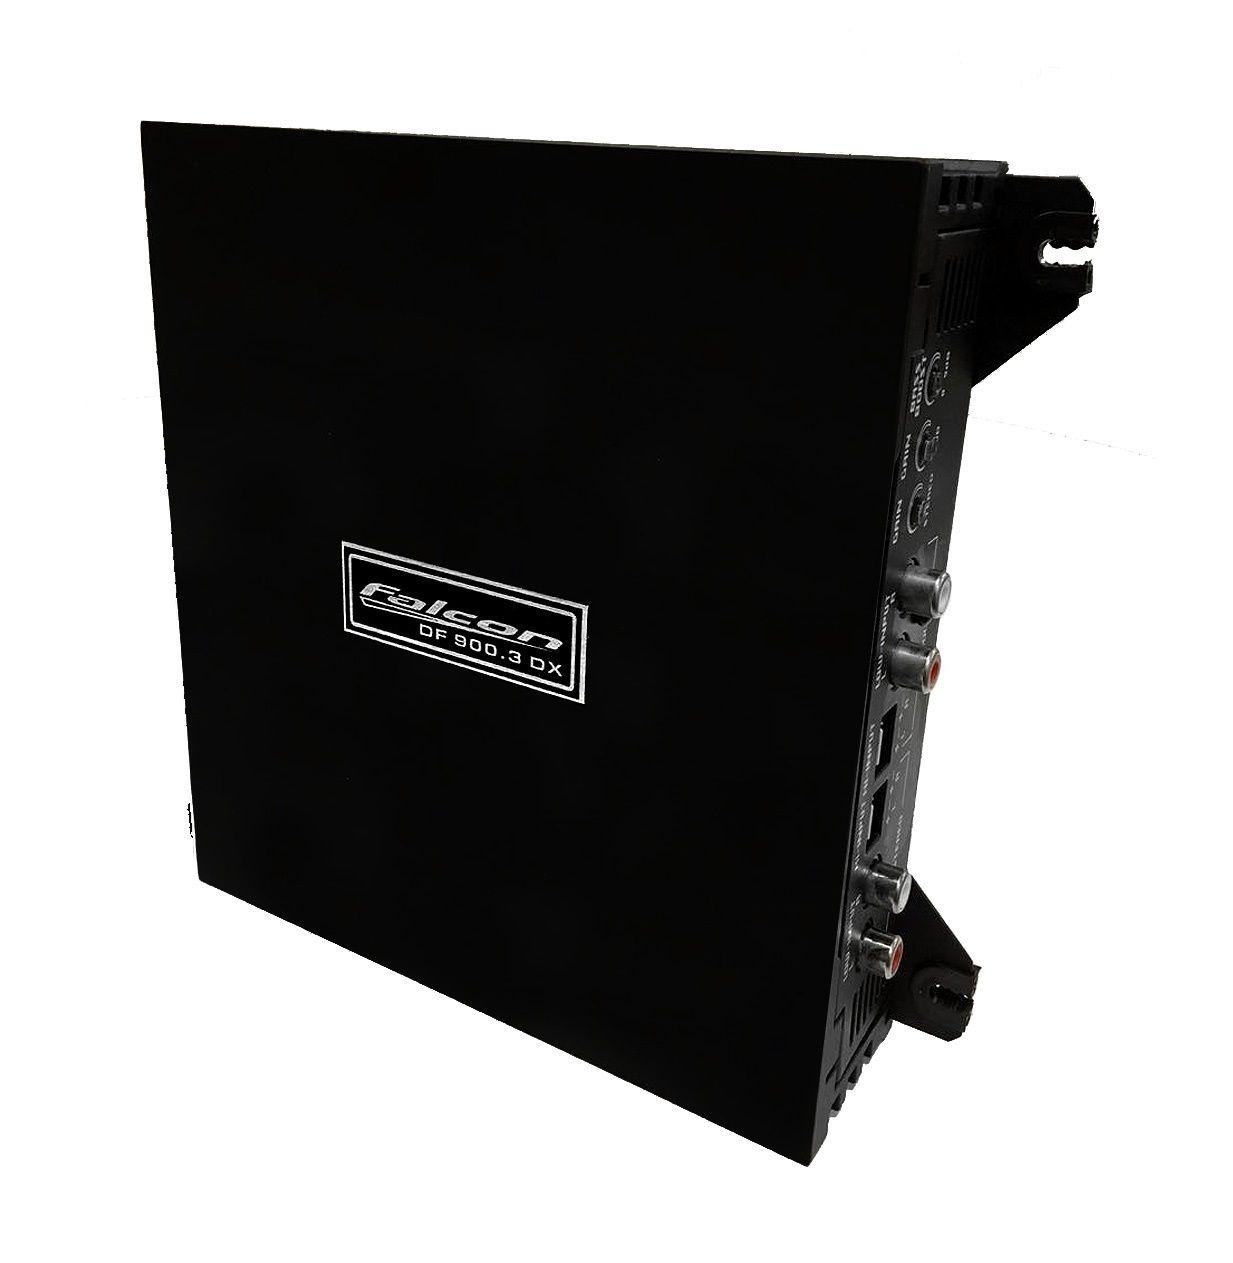 Módulo Amplificador Falcon DF900.3DX 900W Rms 2 Ohms 3 Canais